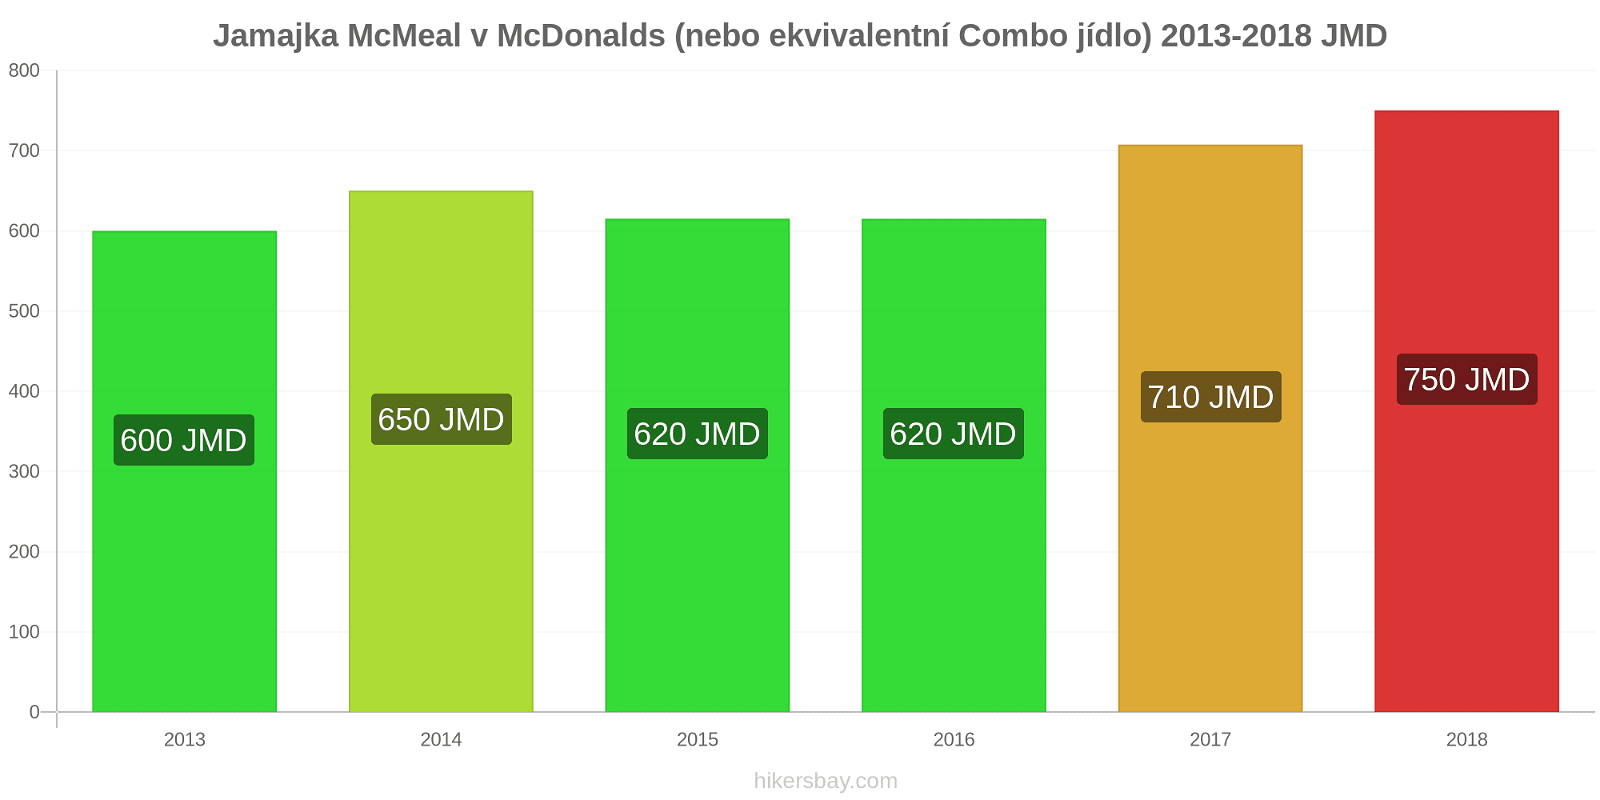 Jamajka změny cen McMeal v McDonalds (nebo ekvivalentní Combo jídlo) hikersbay.com